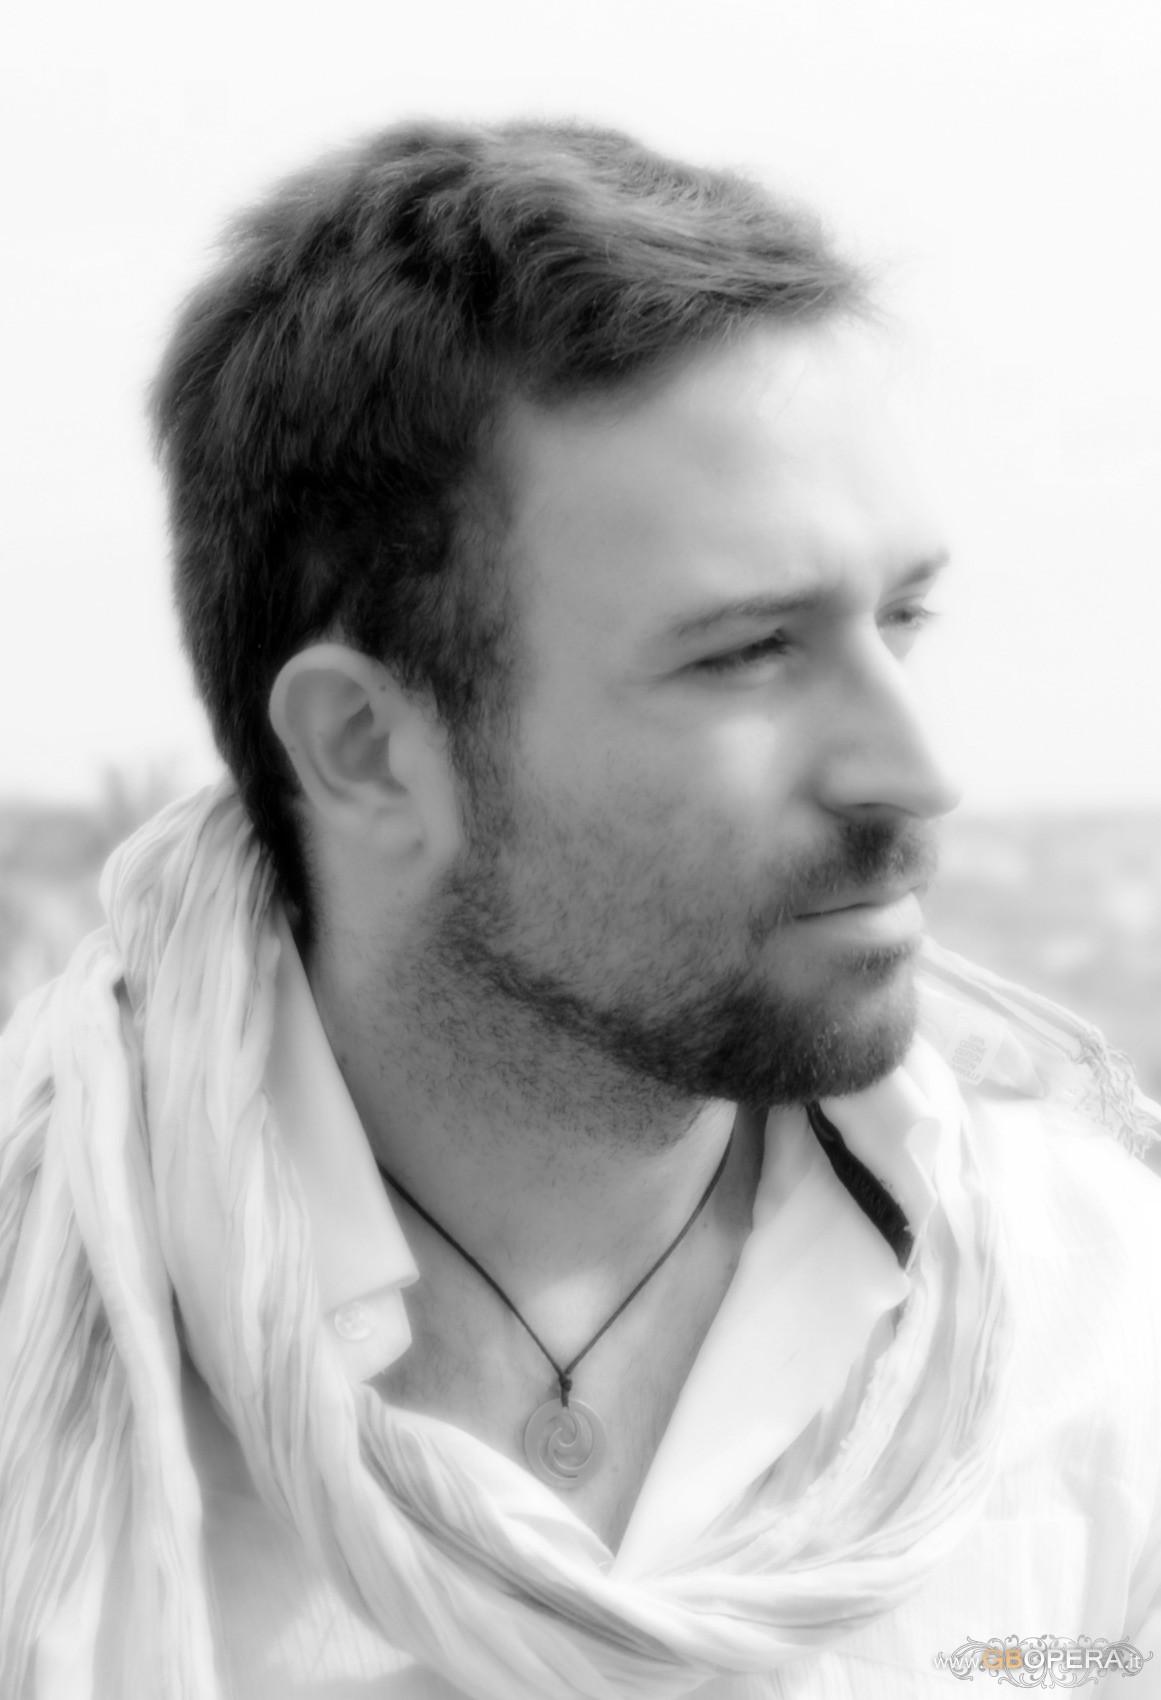 Stefano Ceccarelli